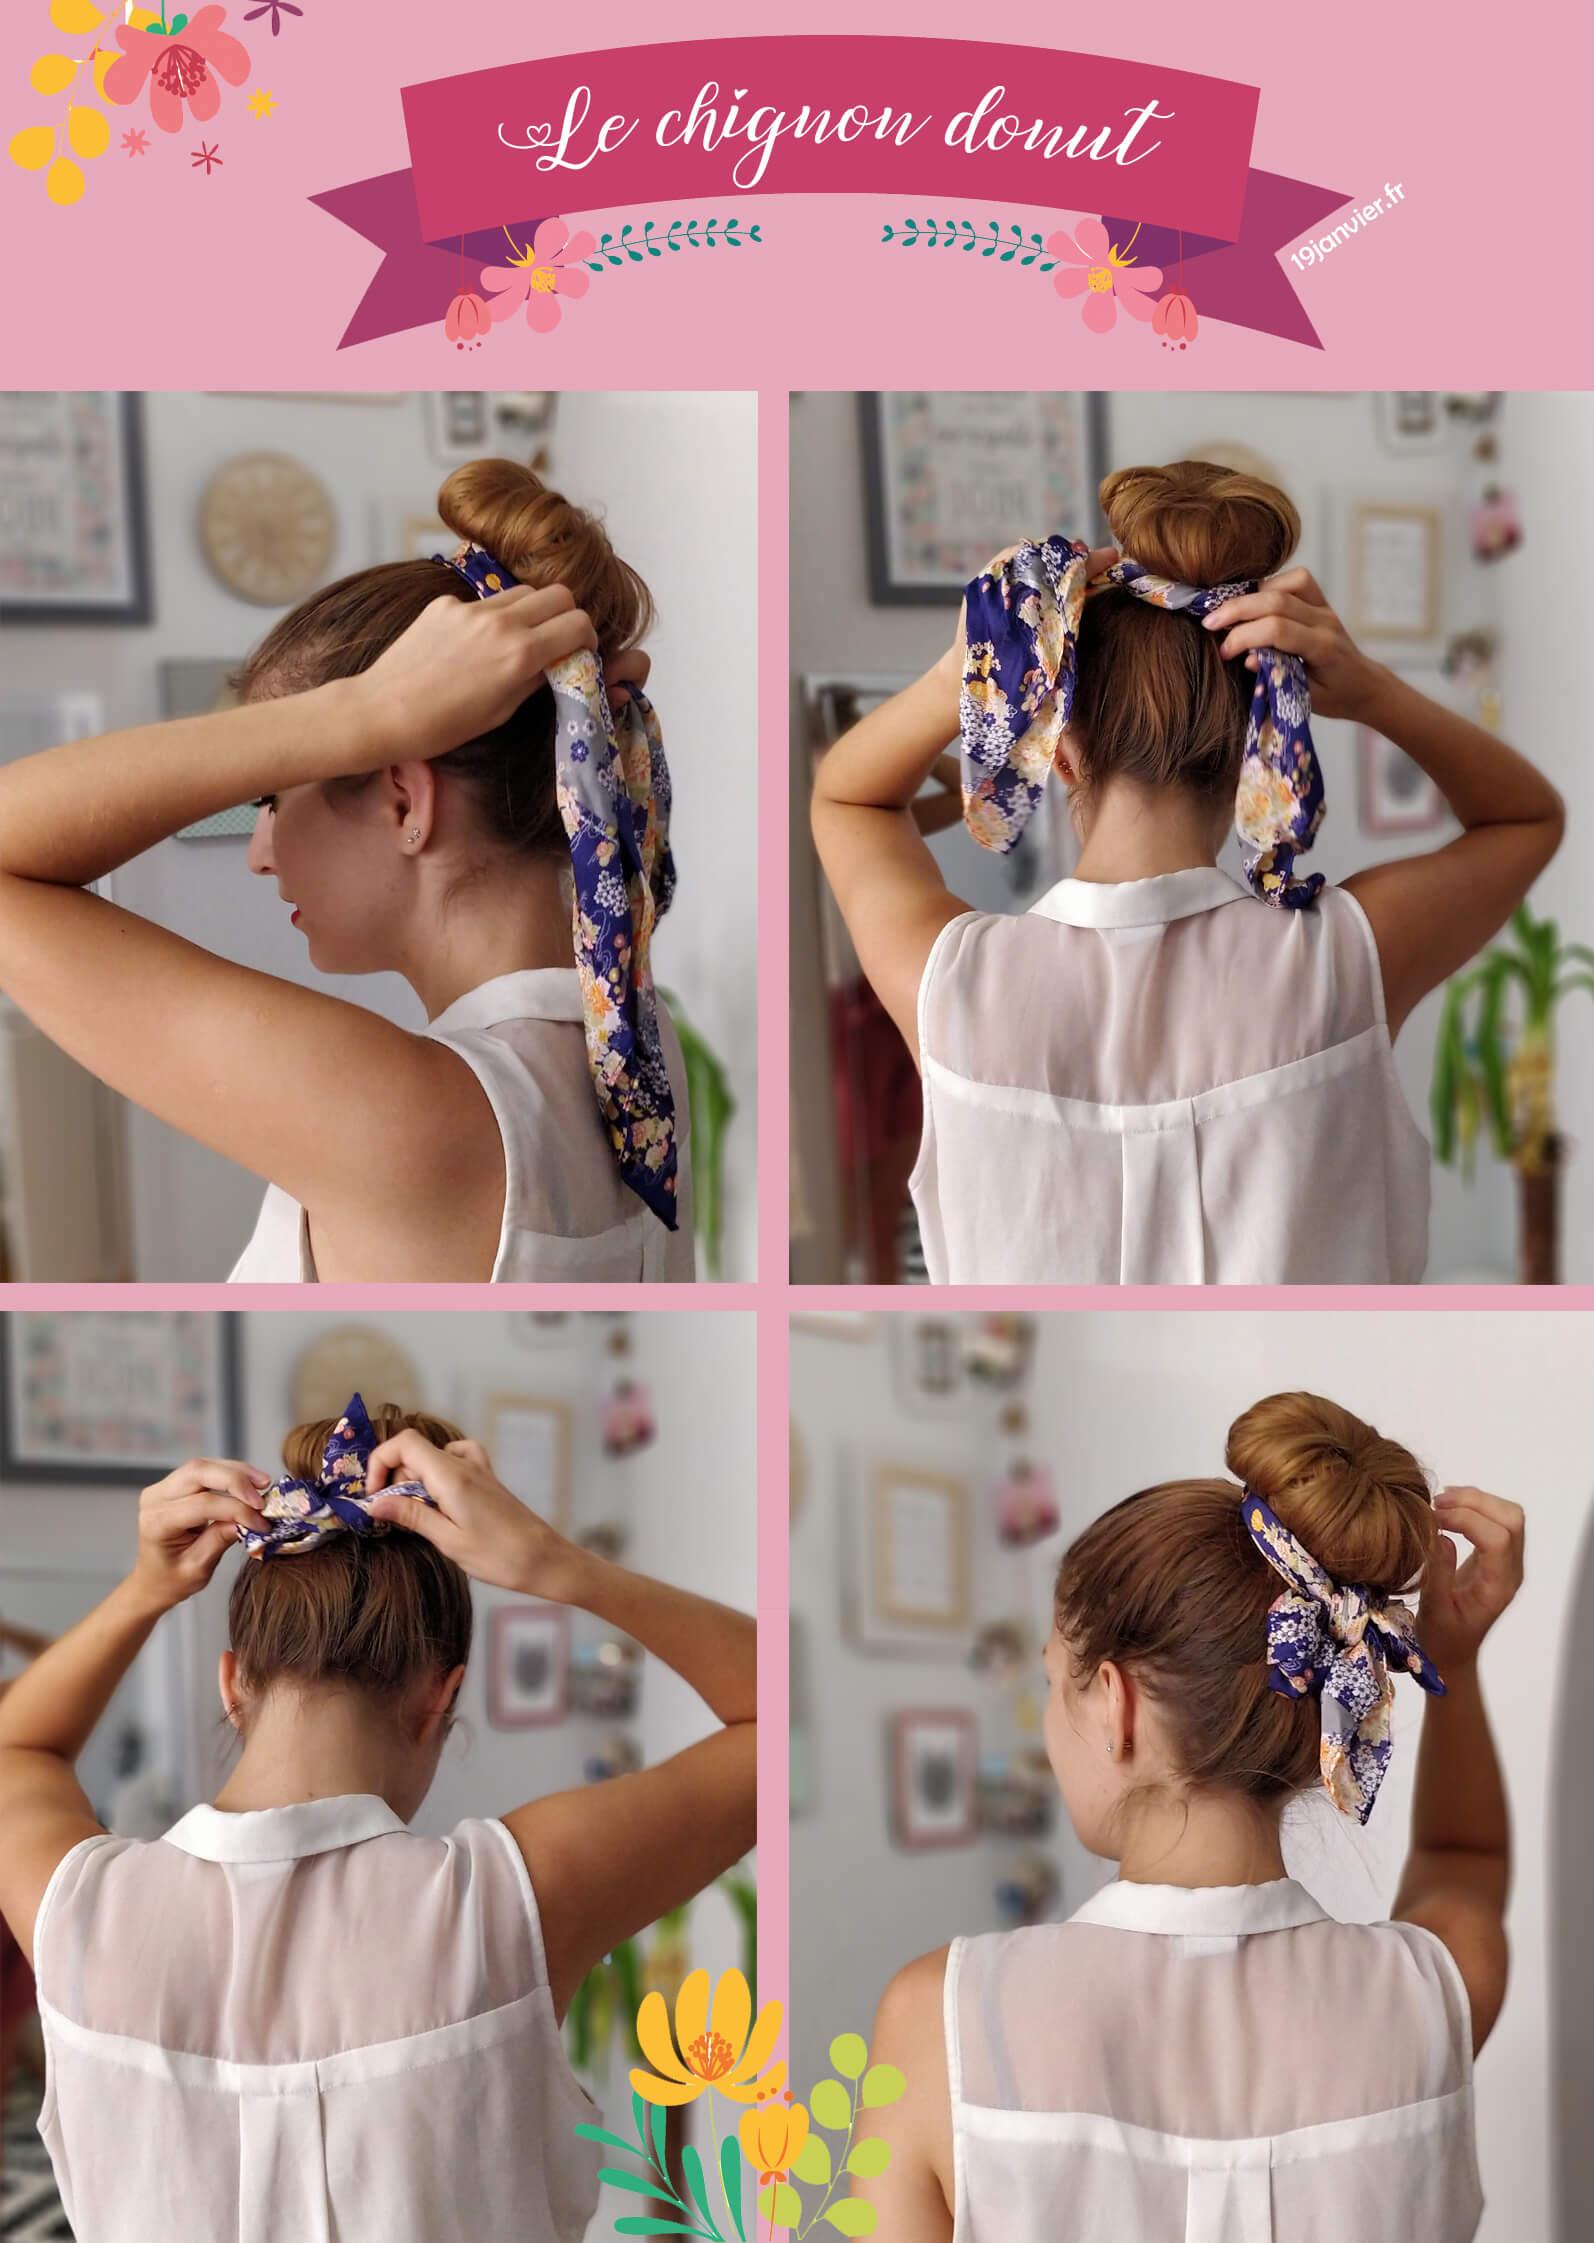 coiffure chignon foulard tutoriel - Que faire avec un carré de soie ?